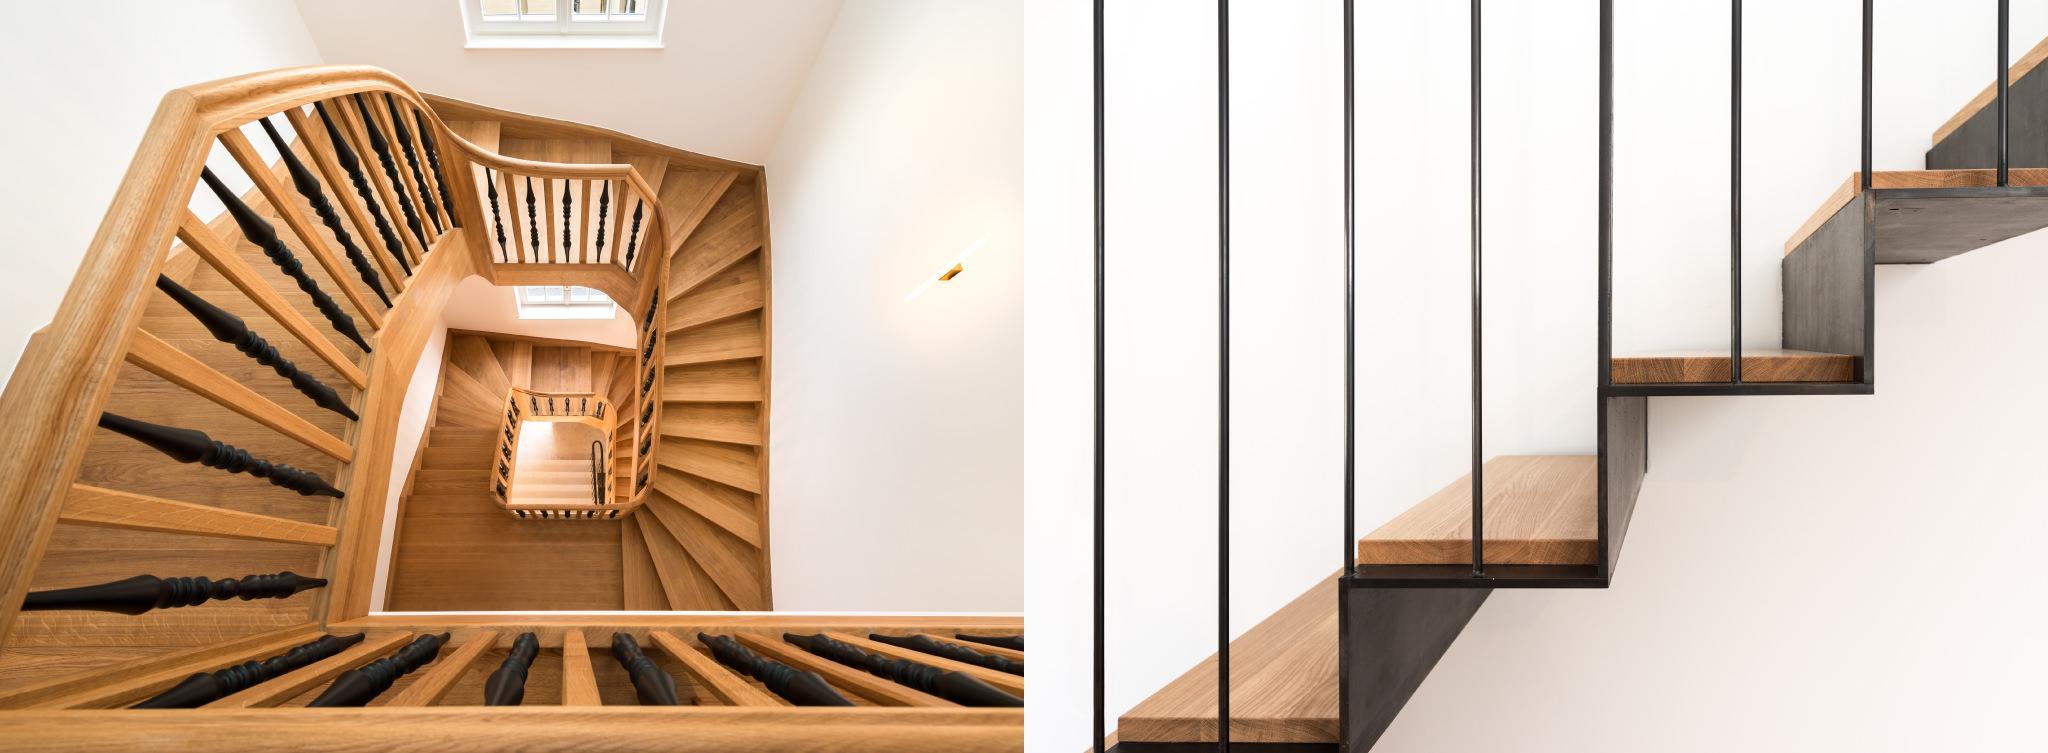 Architekturfotografie | Portfolio Architektur & Interior | www.detlev-schmidt.photography